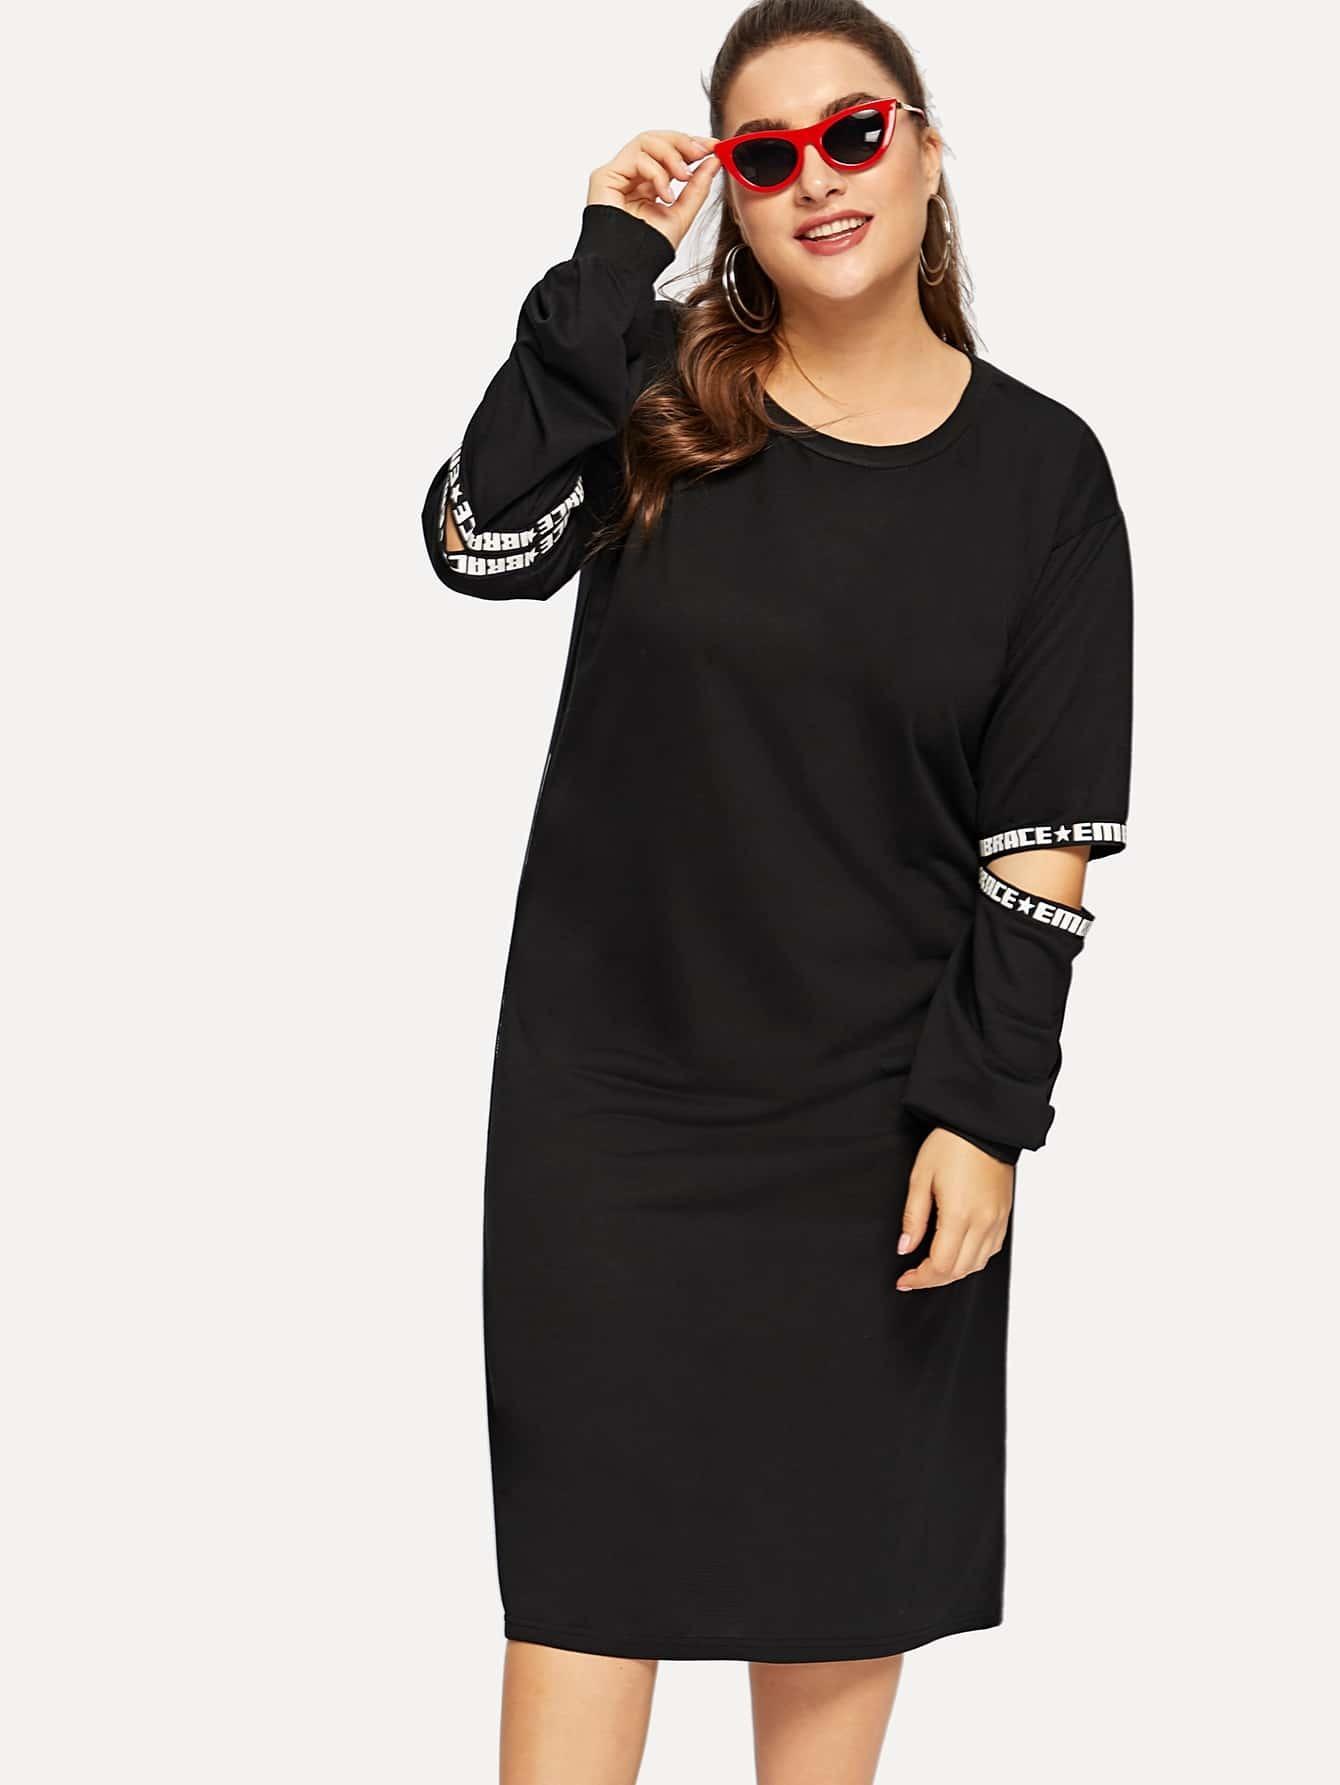 Размера плюс платье в полоску с текстовым принтом и вырезом на рукавах